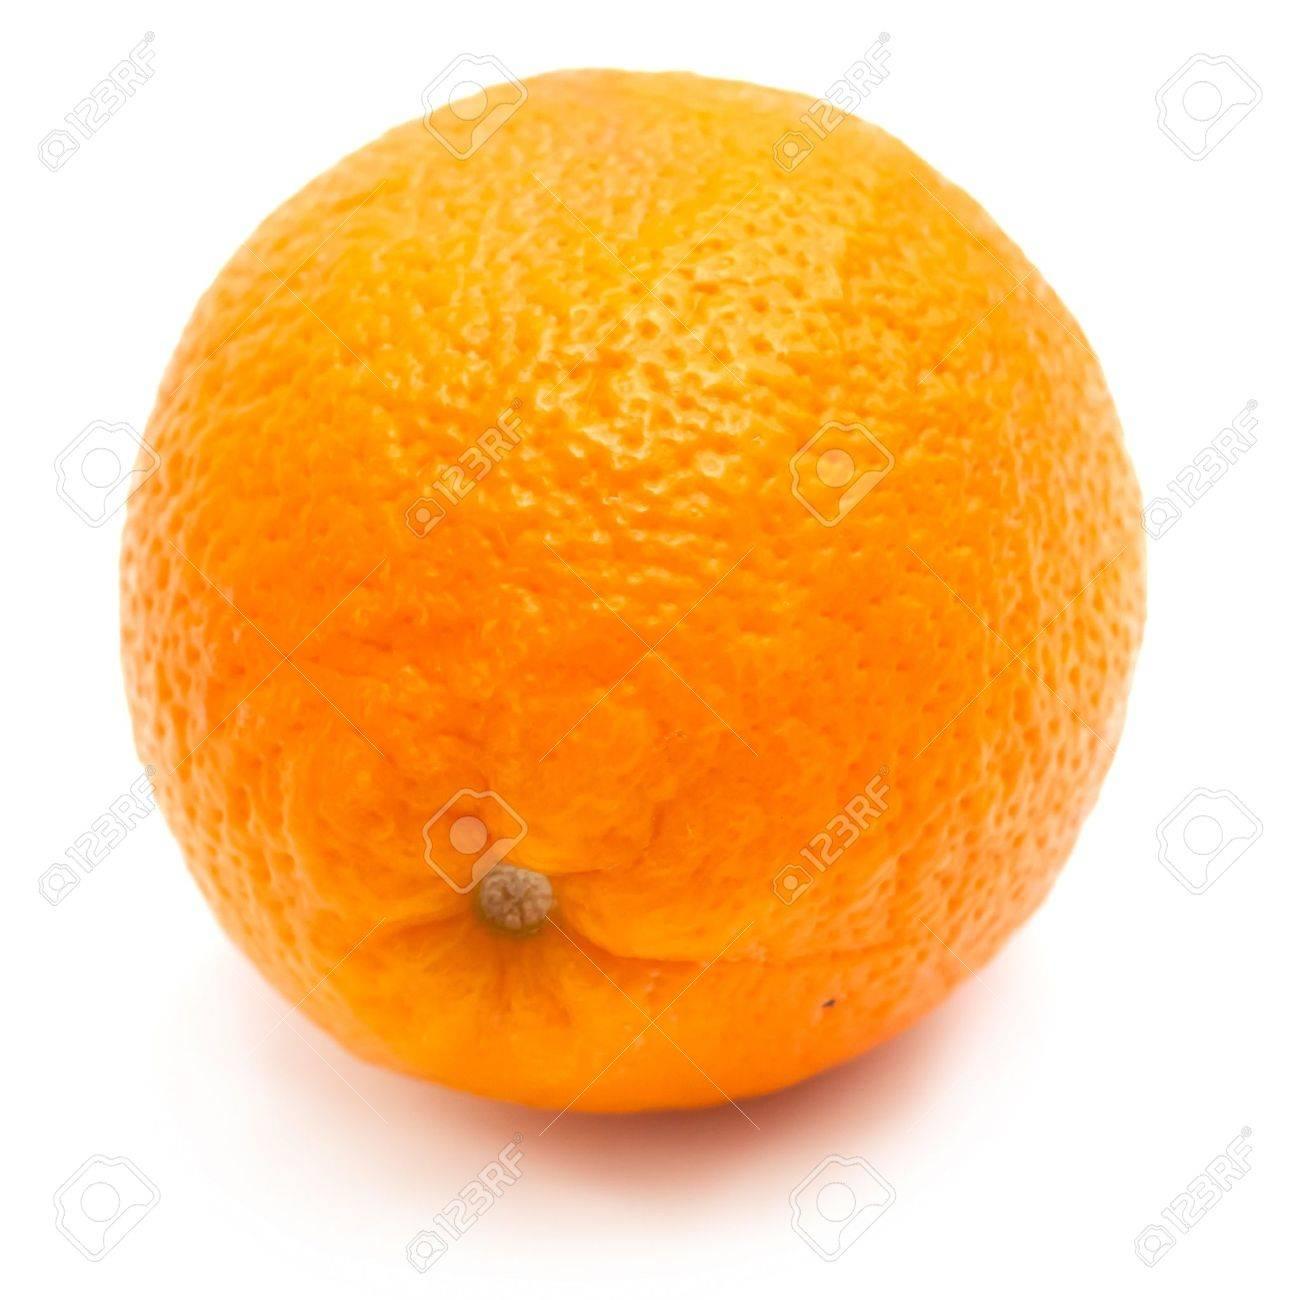 Single orange on white background Stock Photo - 8806196